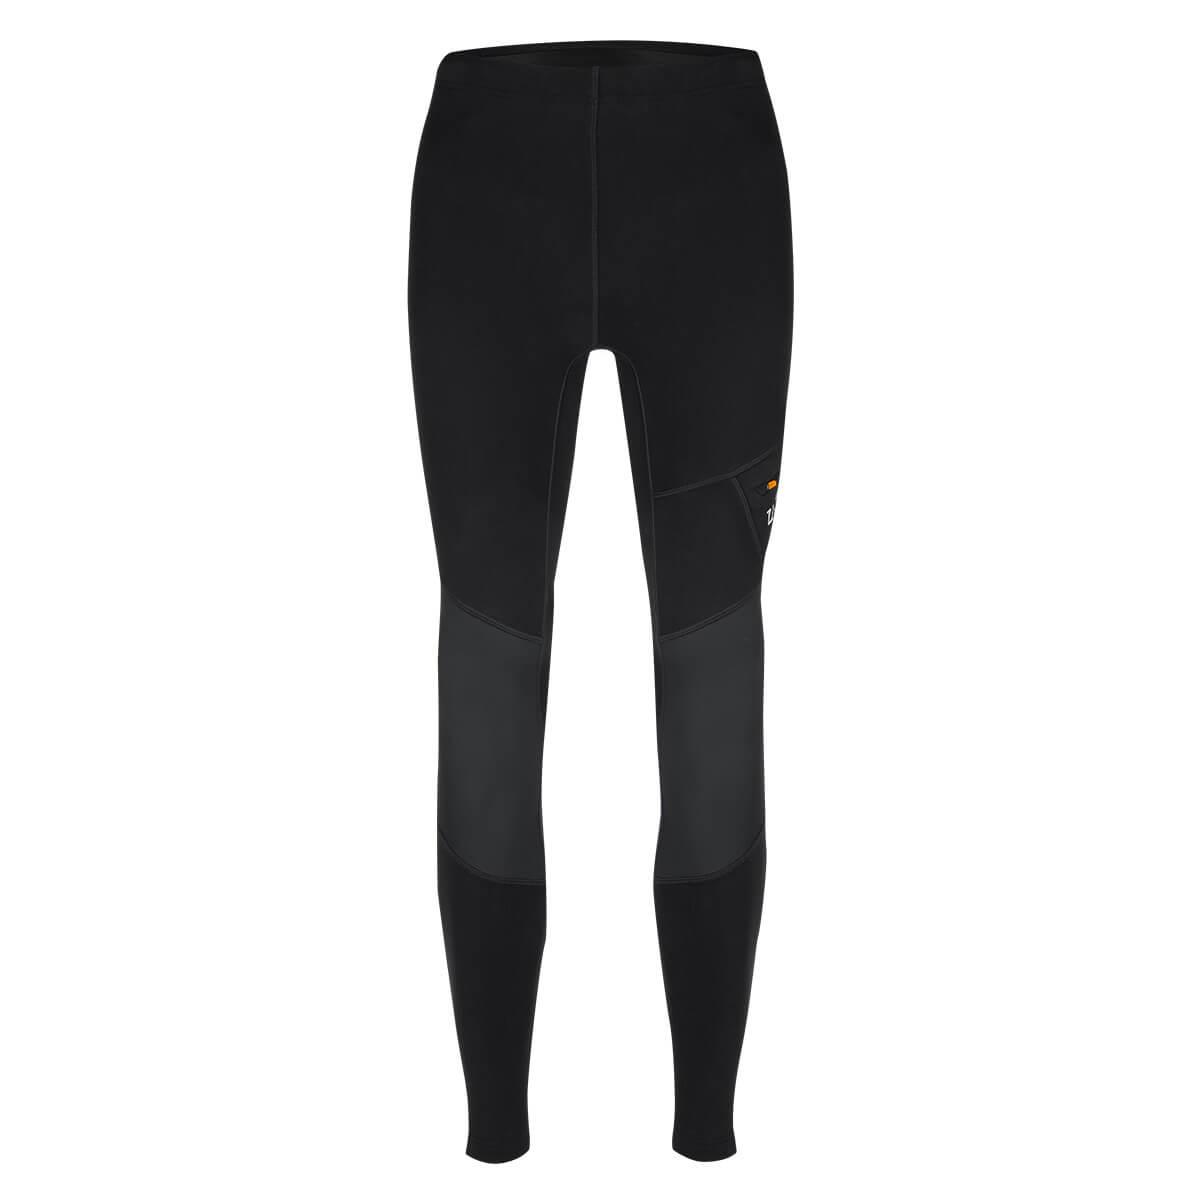 ZAJO Dachstein Tights Pánske zateplené nohavice - veľkosť S